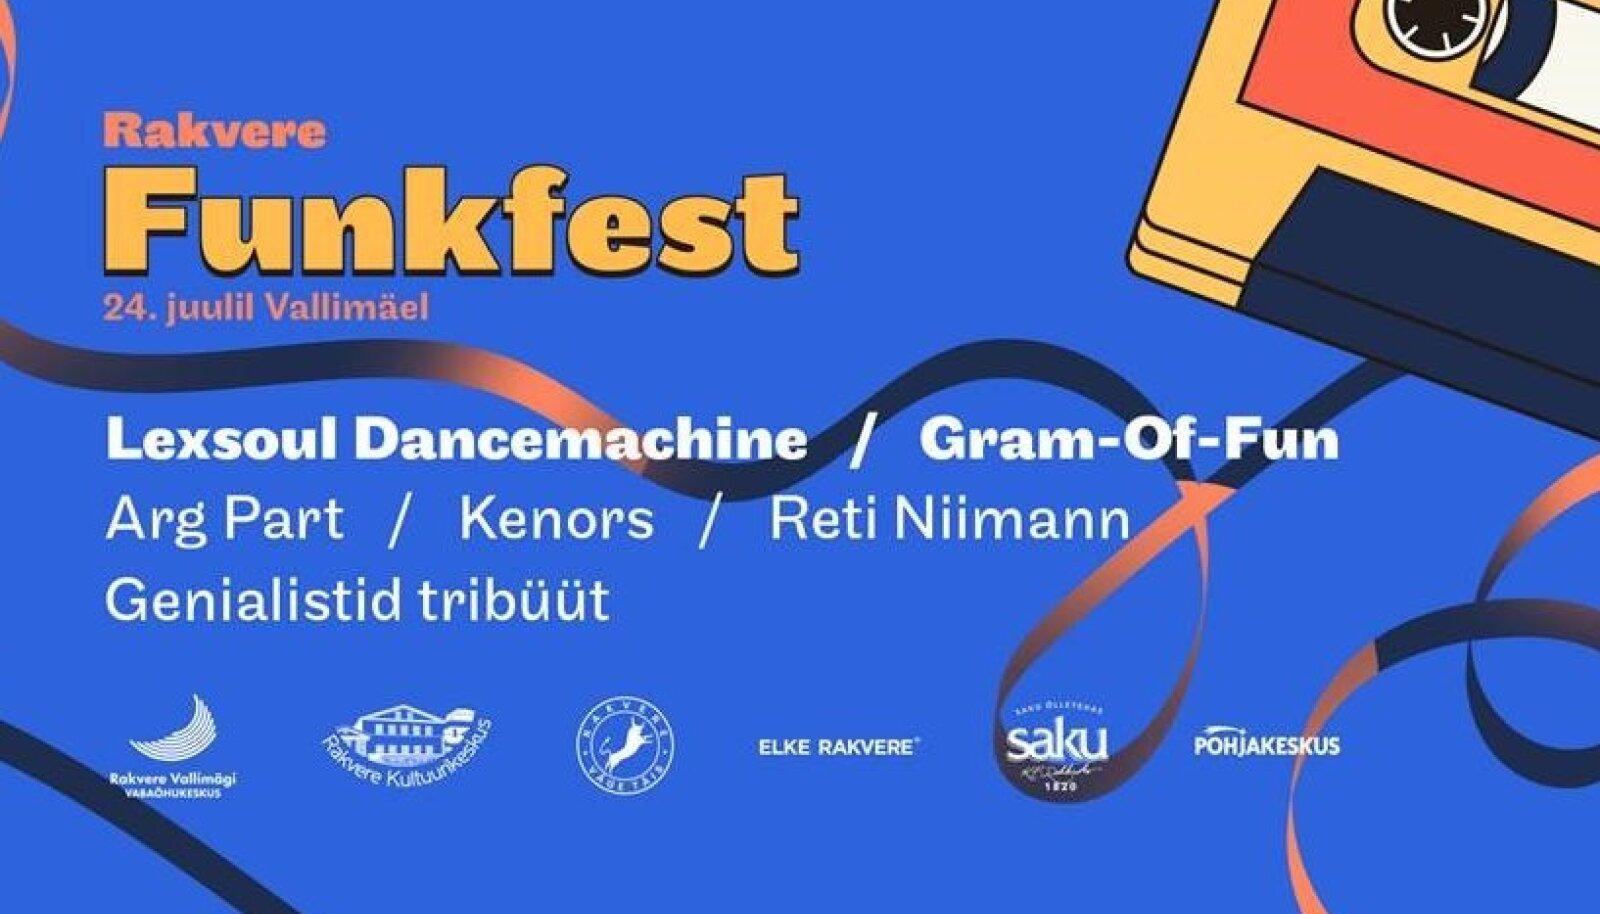 Funkfest